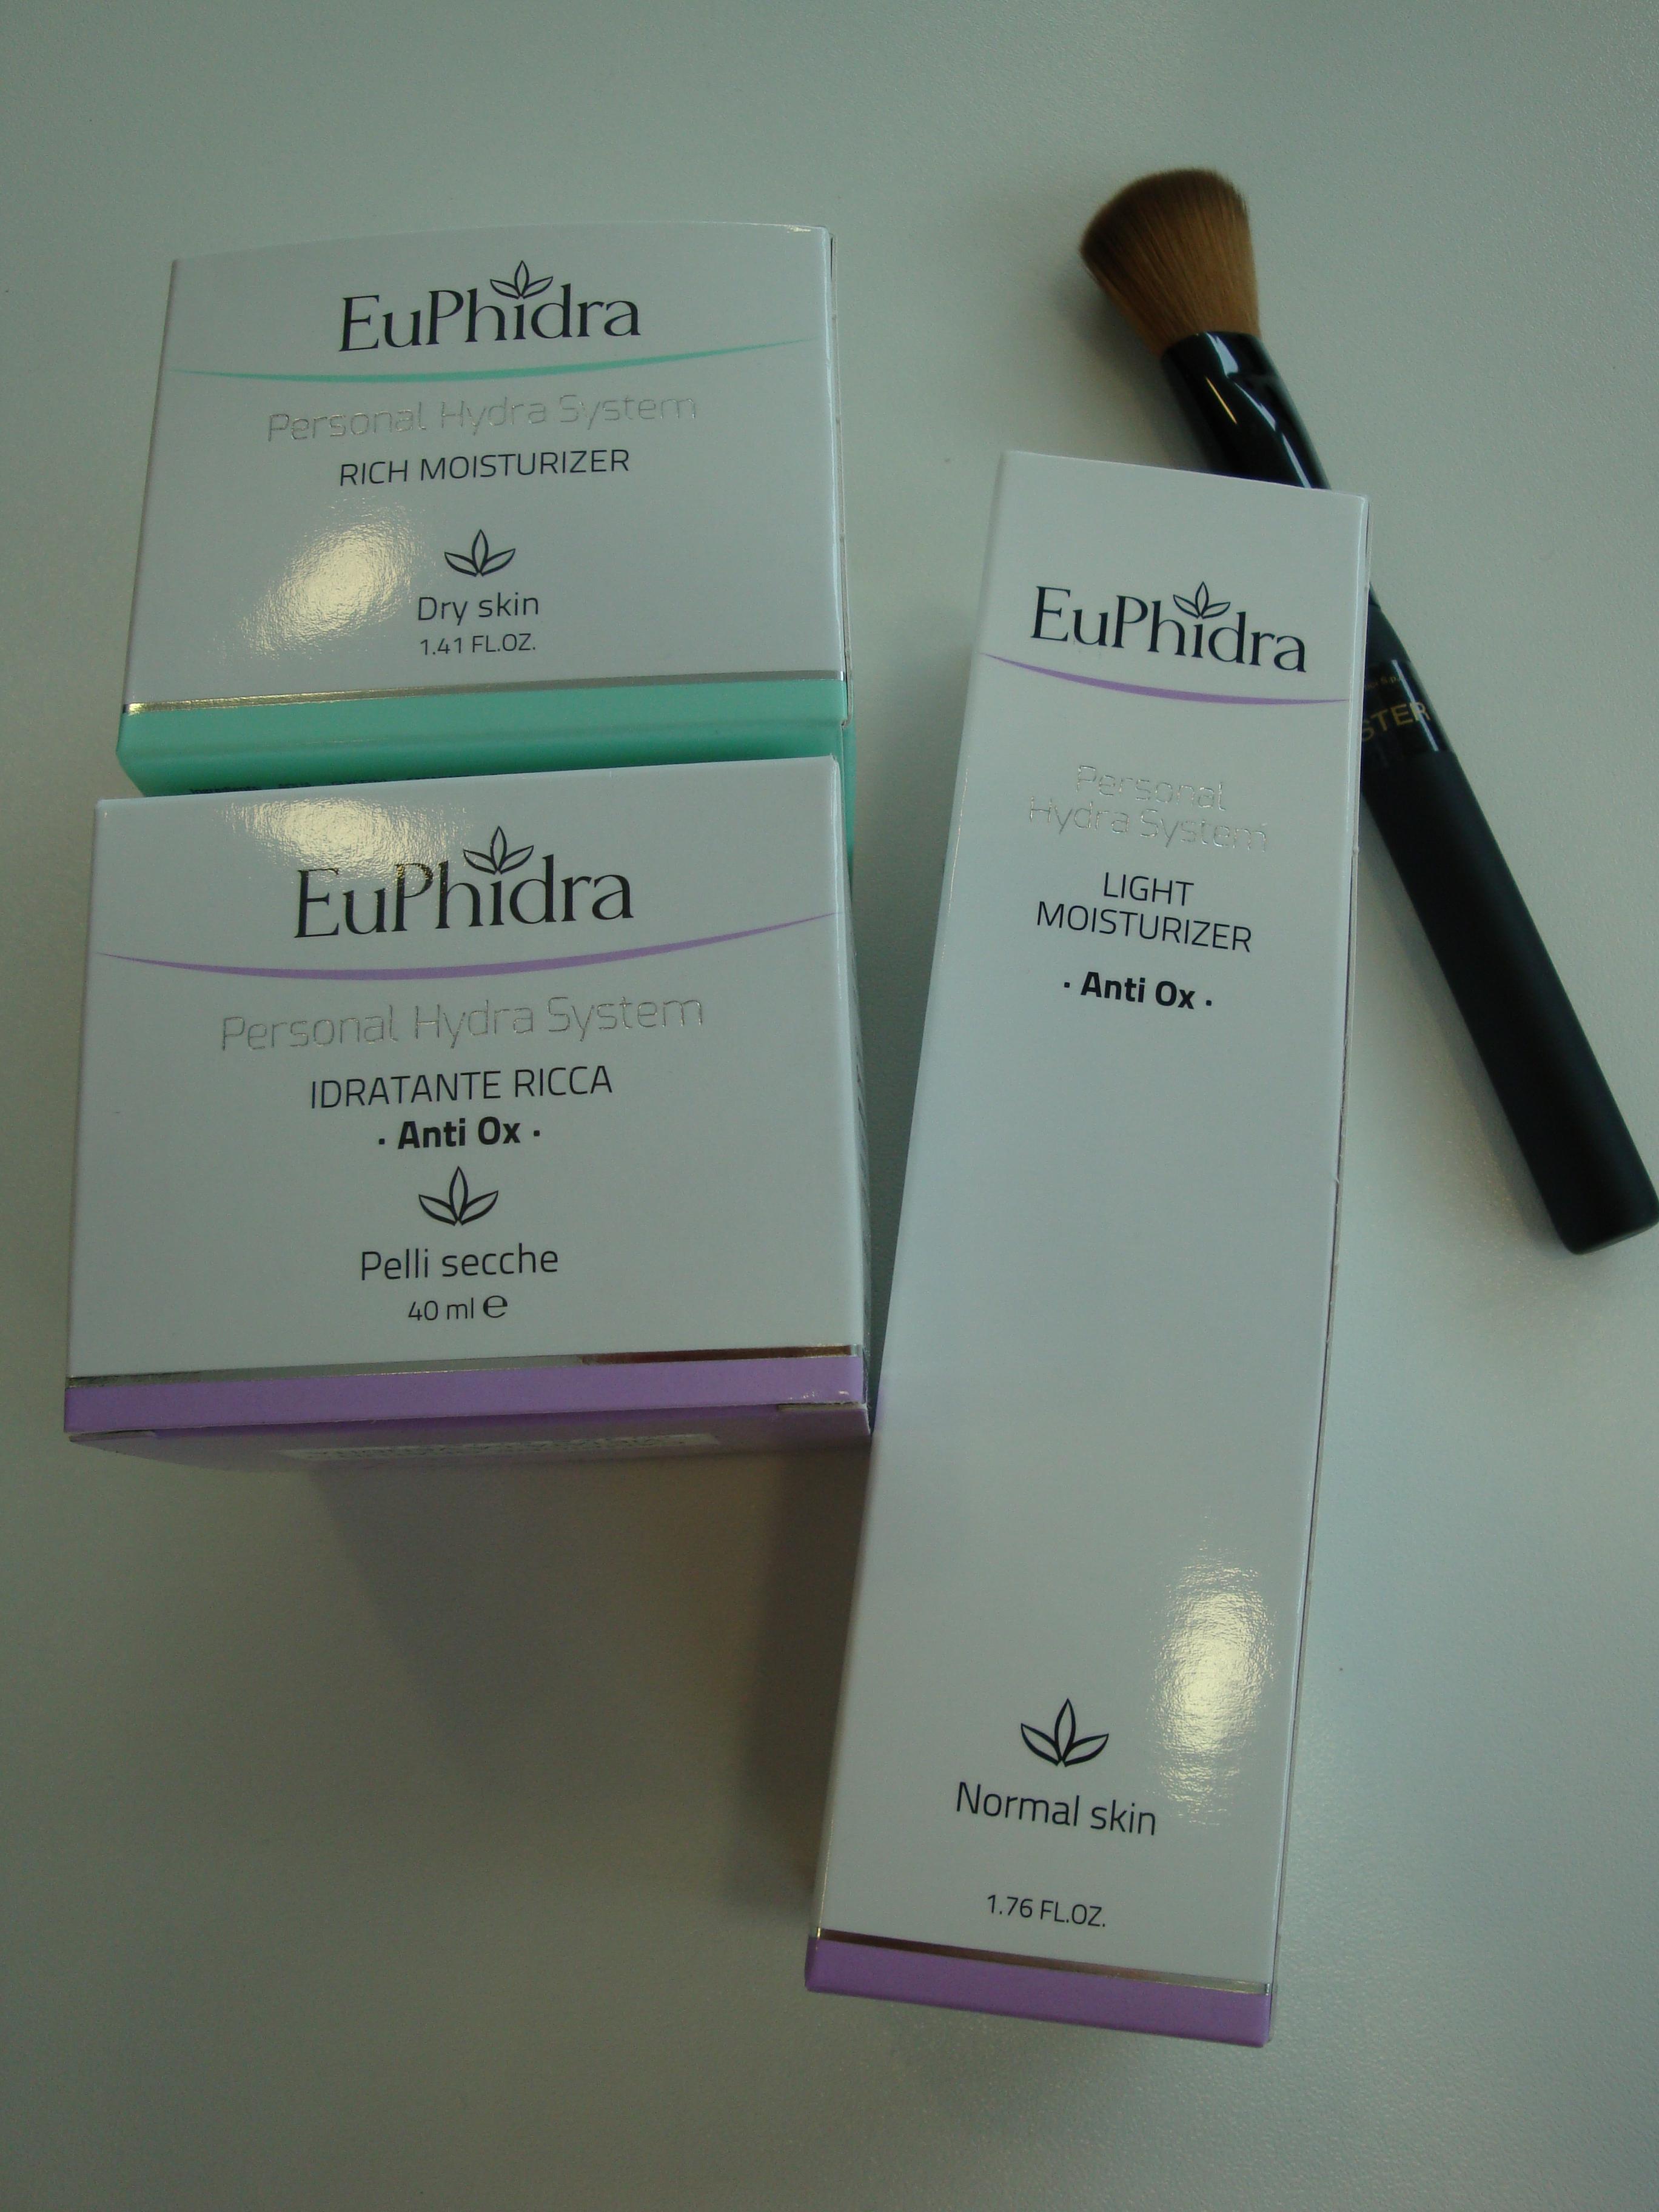 EuPhidra skincare